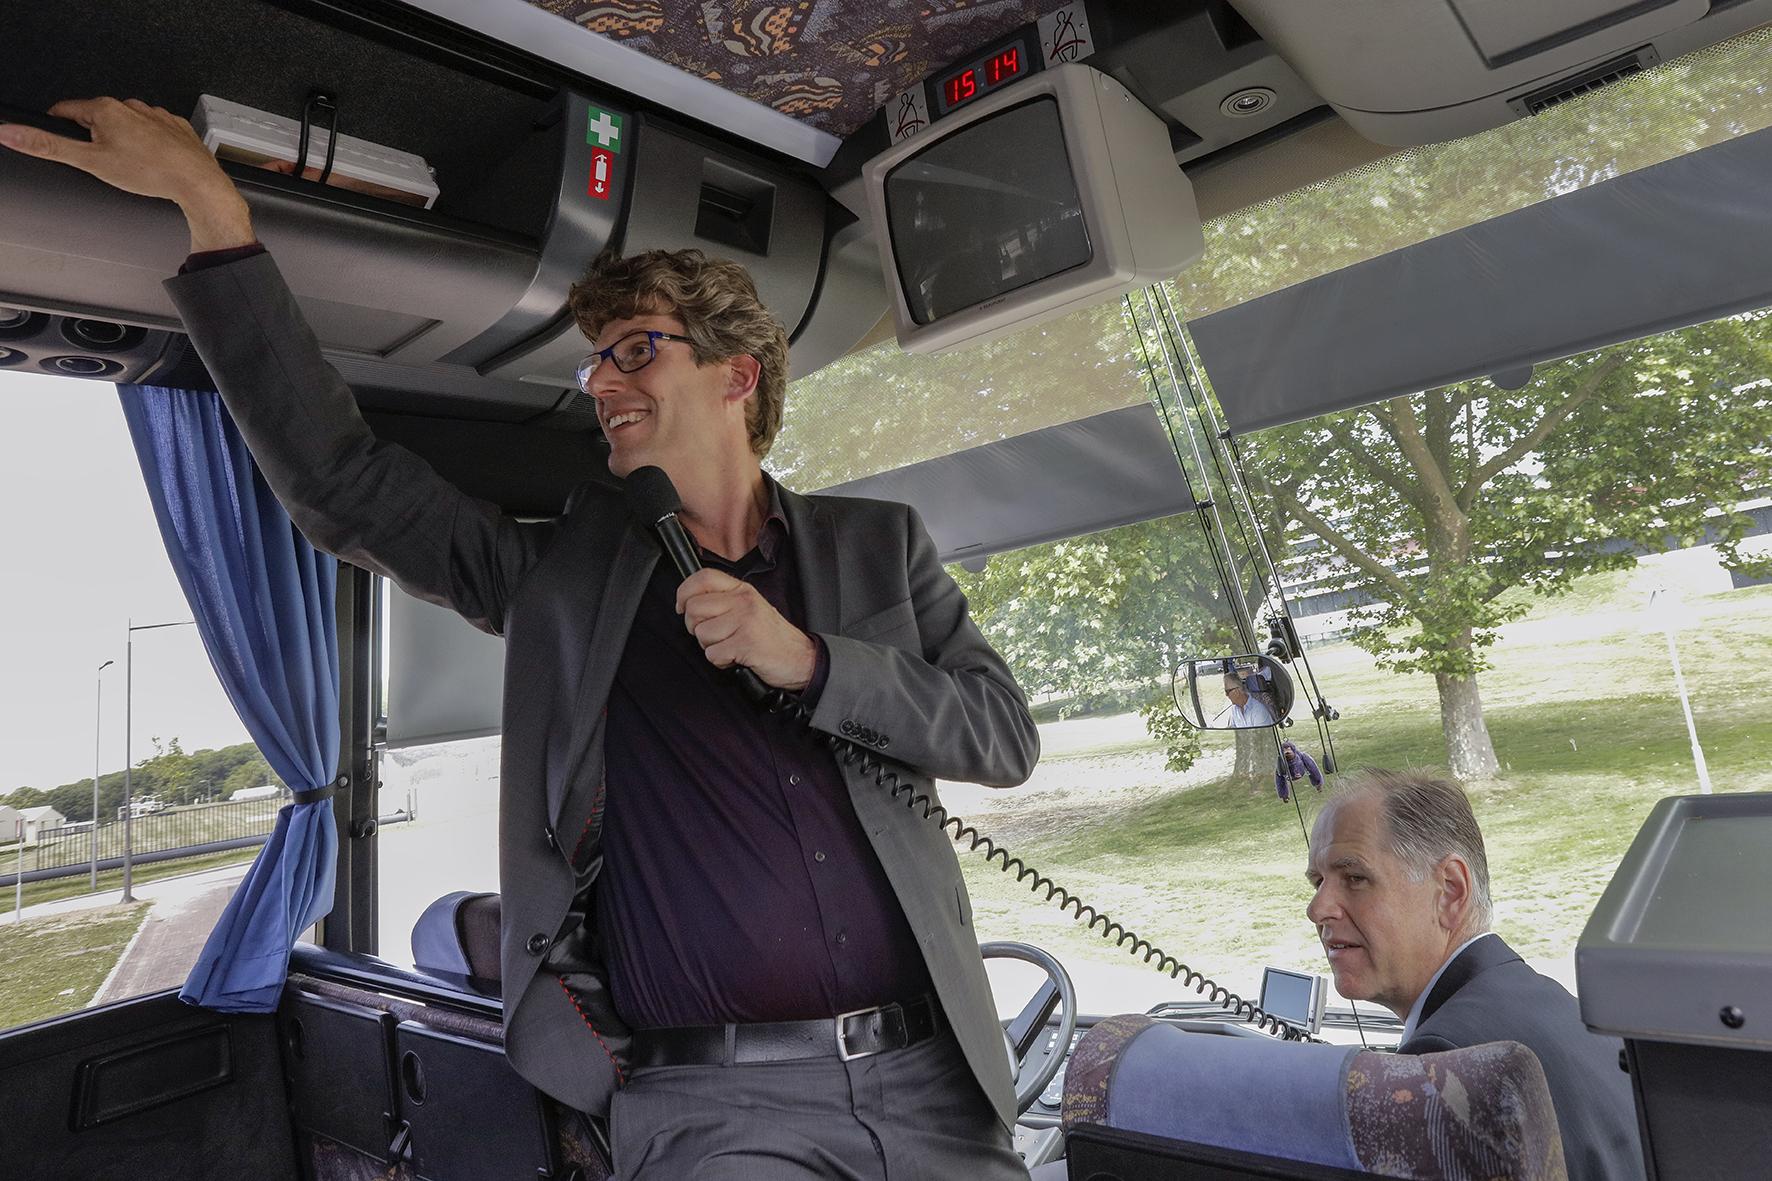 Burgemeesters excursie Sittard Stein (12)